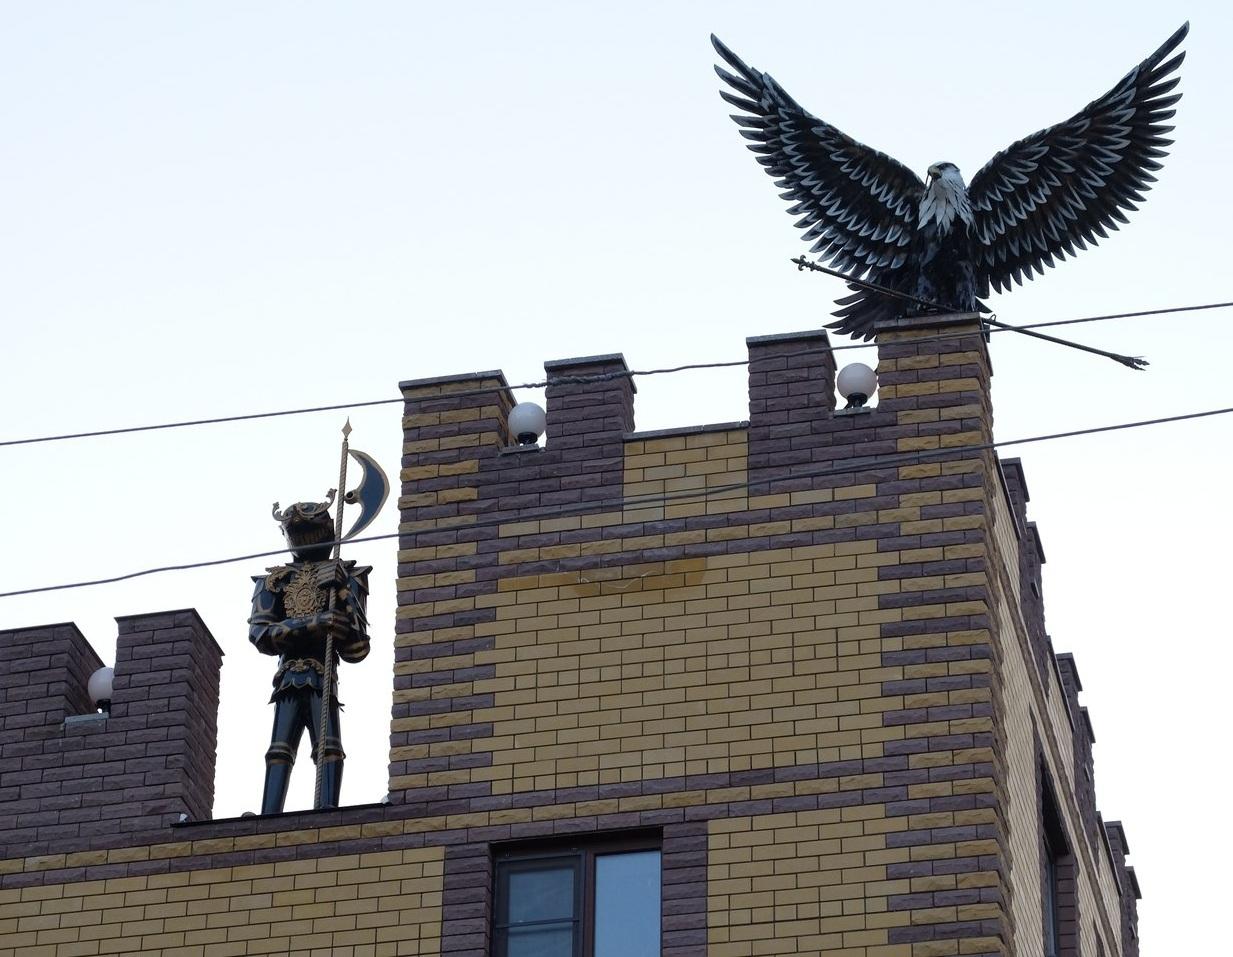 В Воронеже появился дом с рыцарями